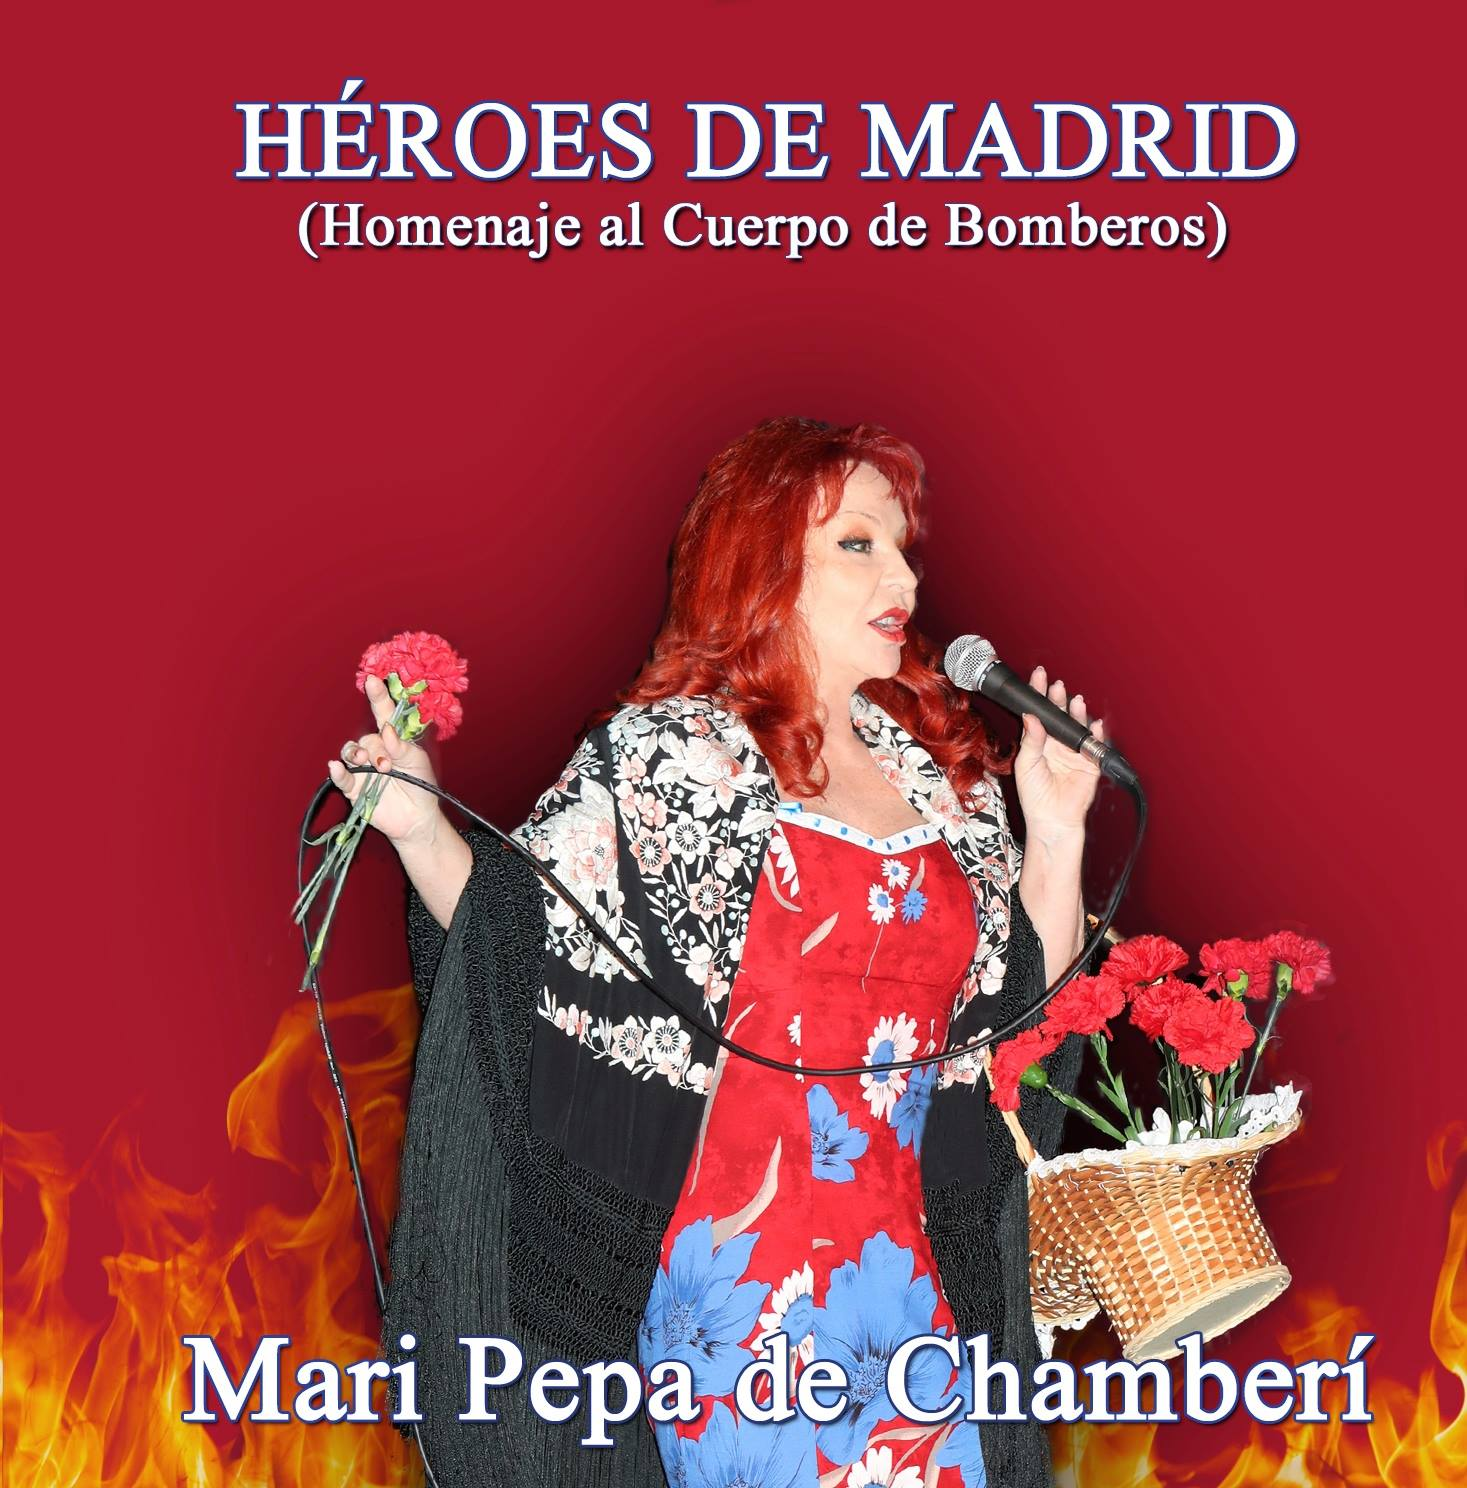 Héroes de Madrid (Homenaje al Cuerpo de Bomberos)